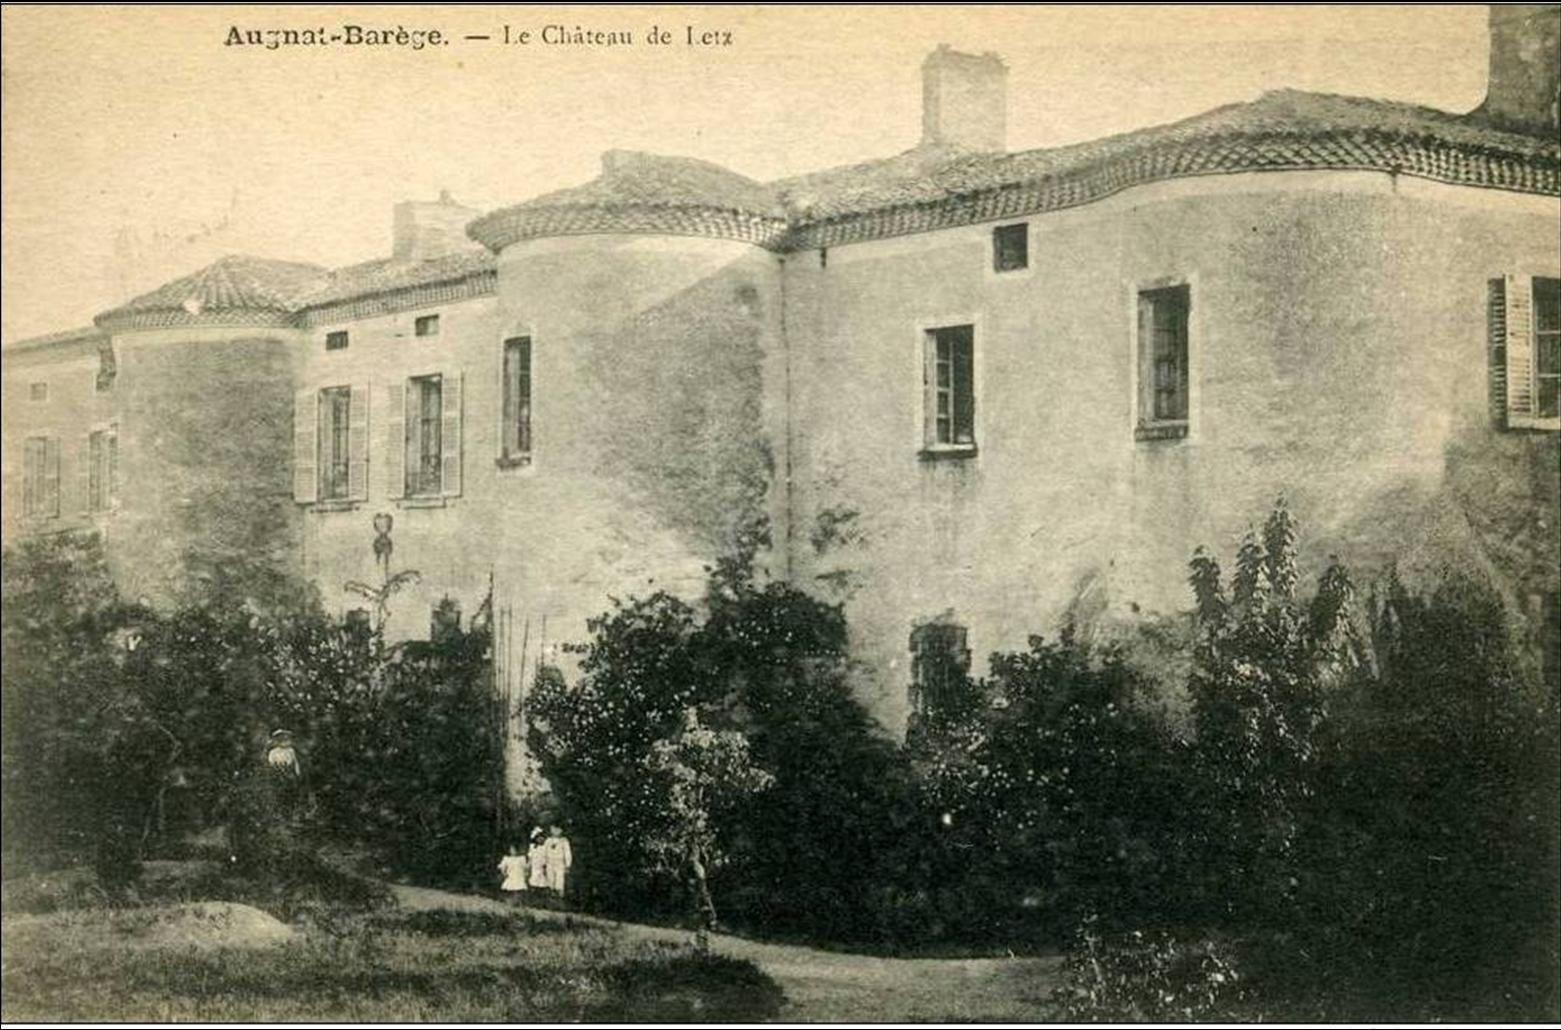 Cartes postales d'Augnat et Barége